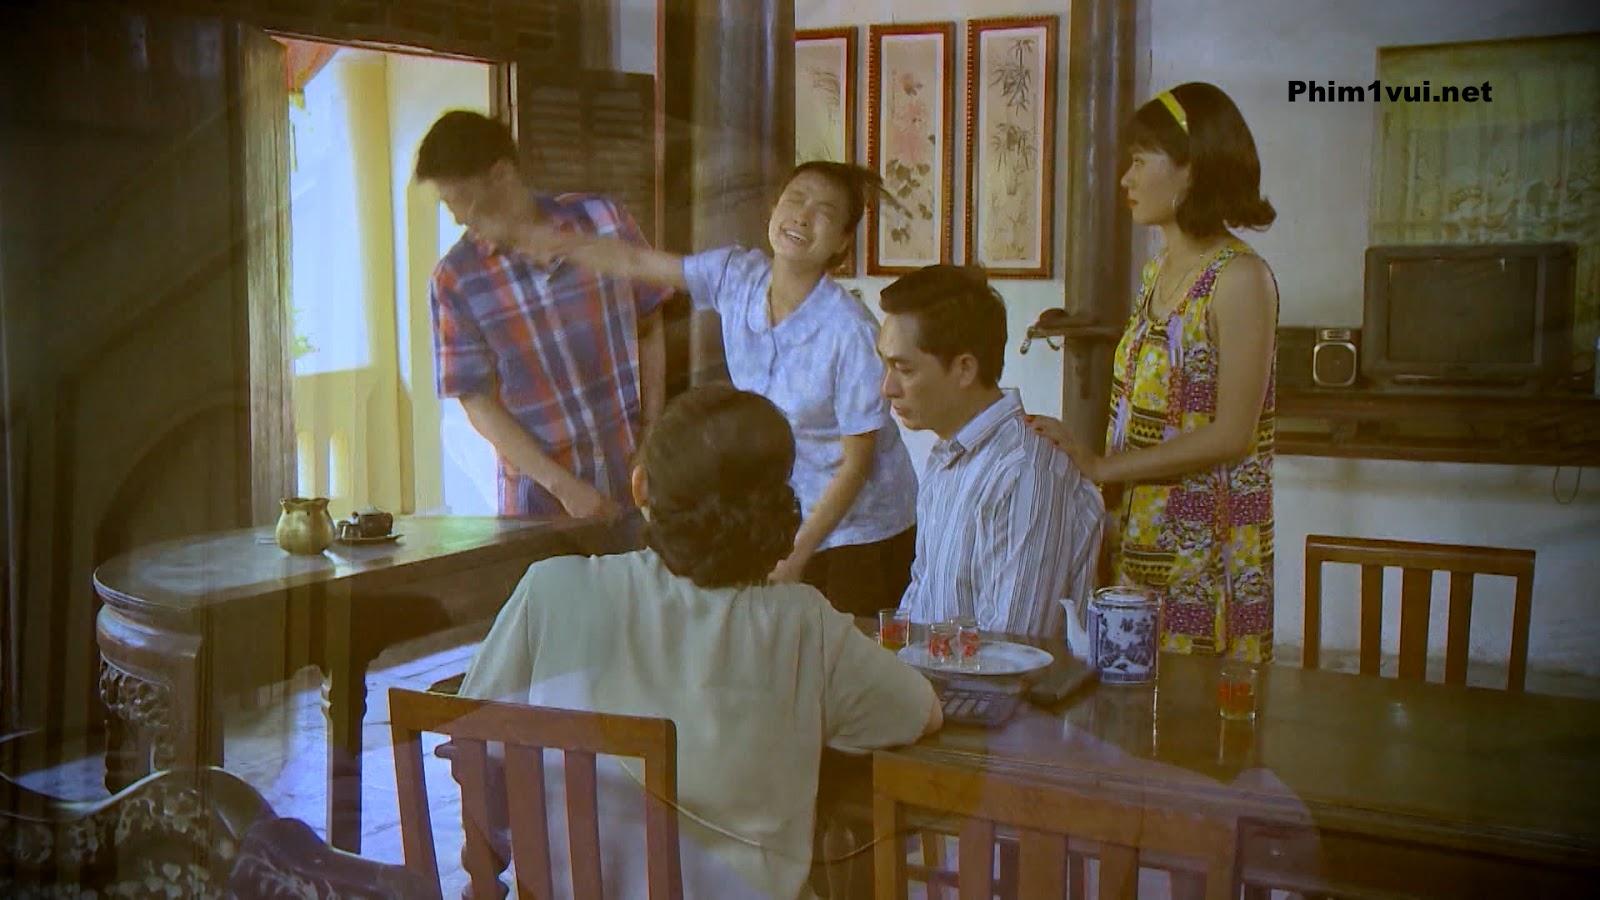 Phim Việt Nam: Dập tắt lửa lòng 2019